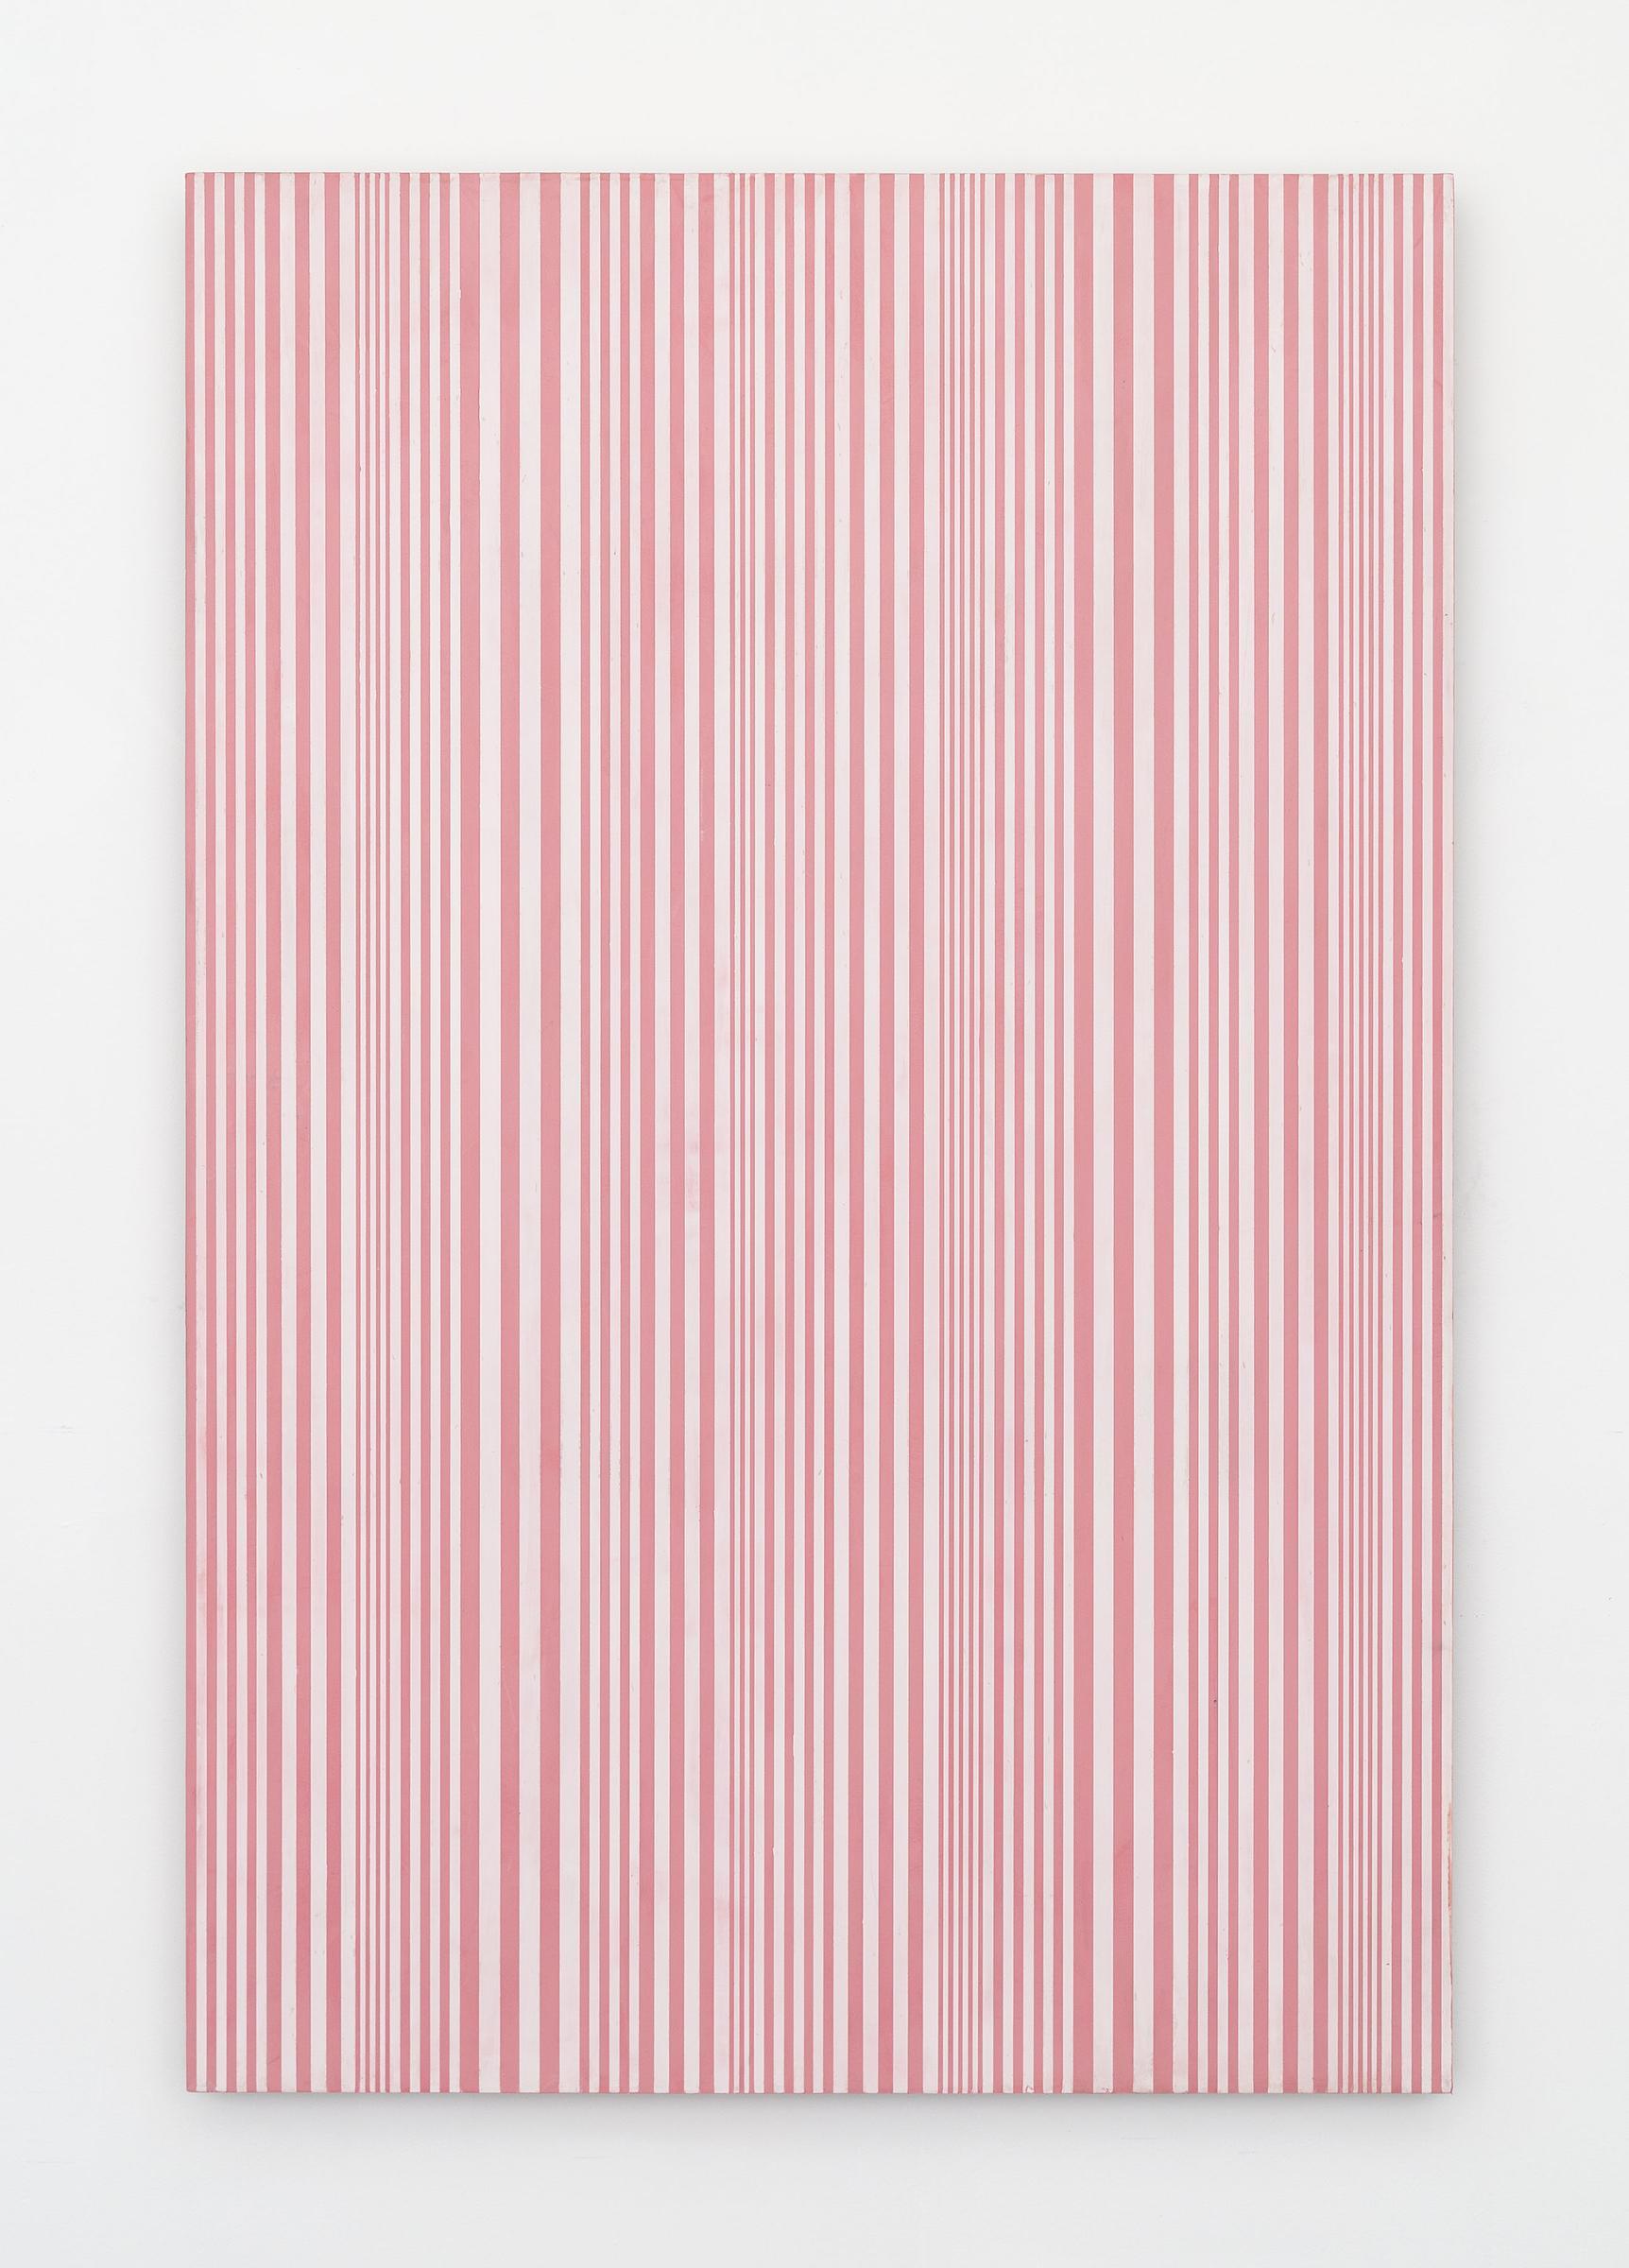 Untitled (#58), 2015 enamel on aluminum 48 x 32 inches